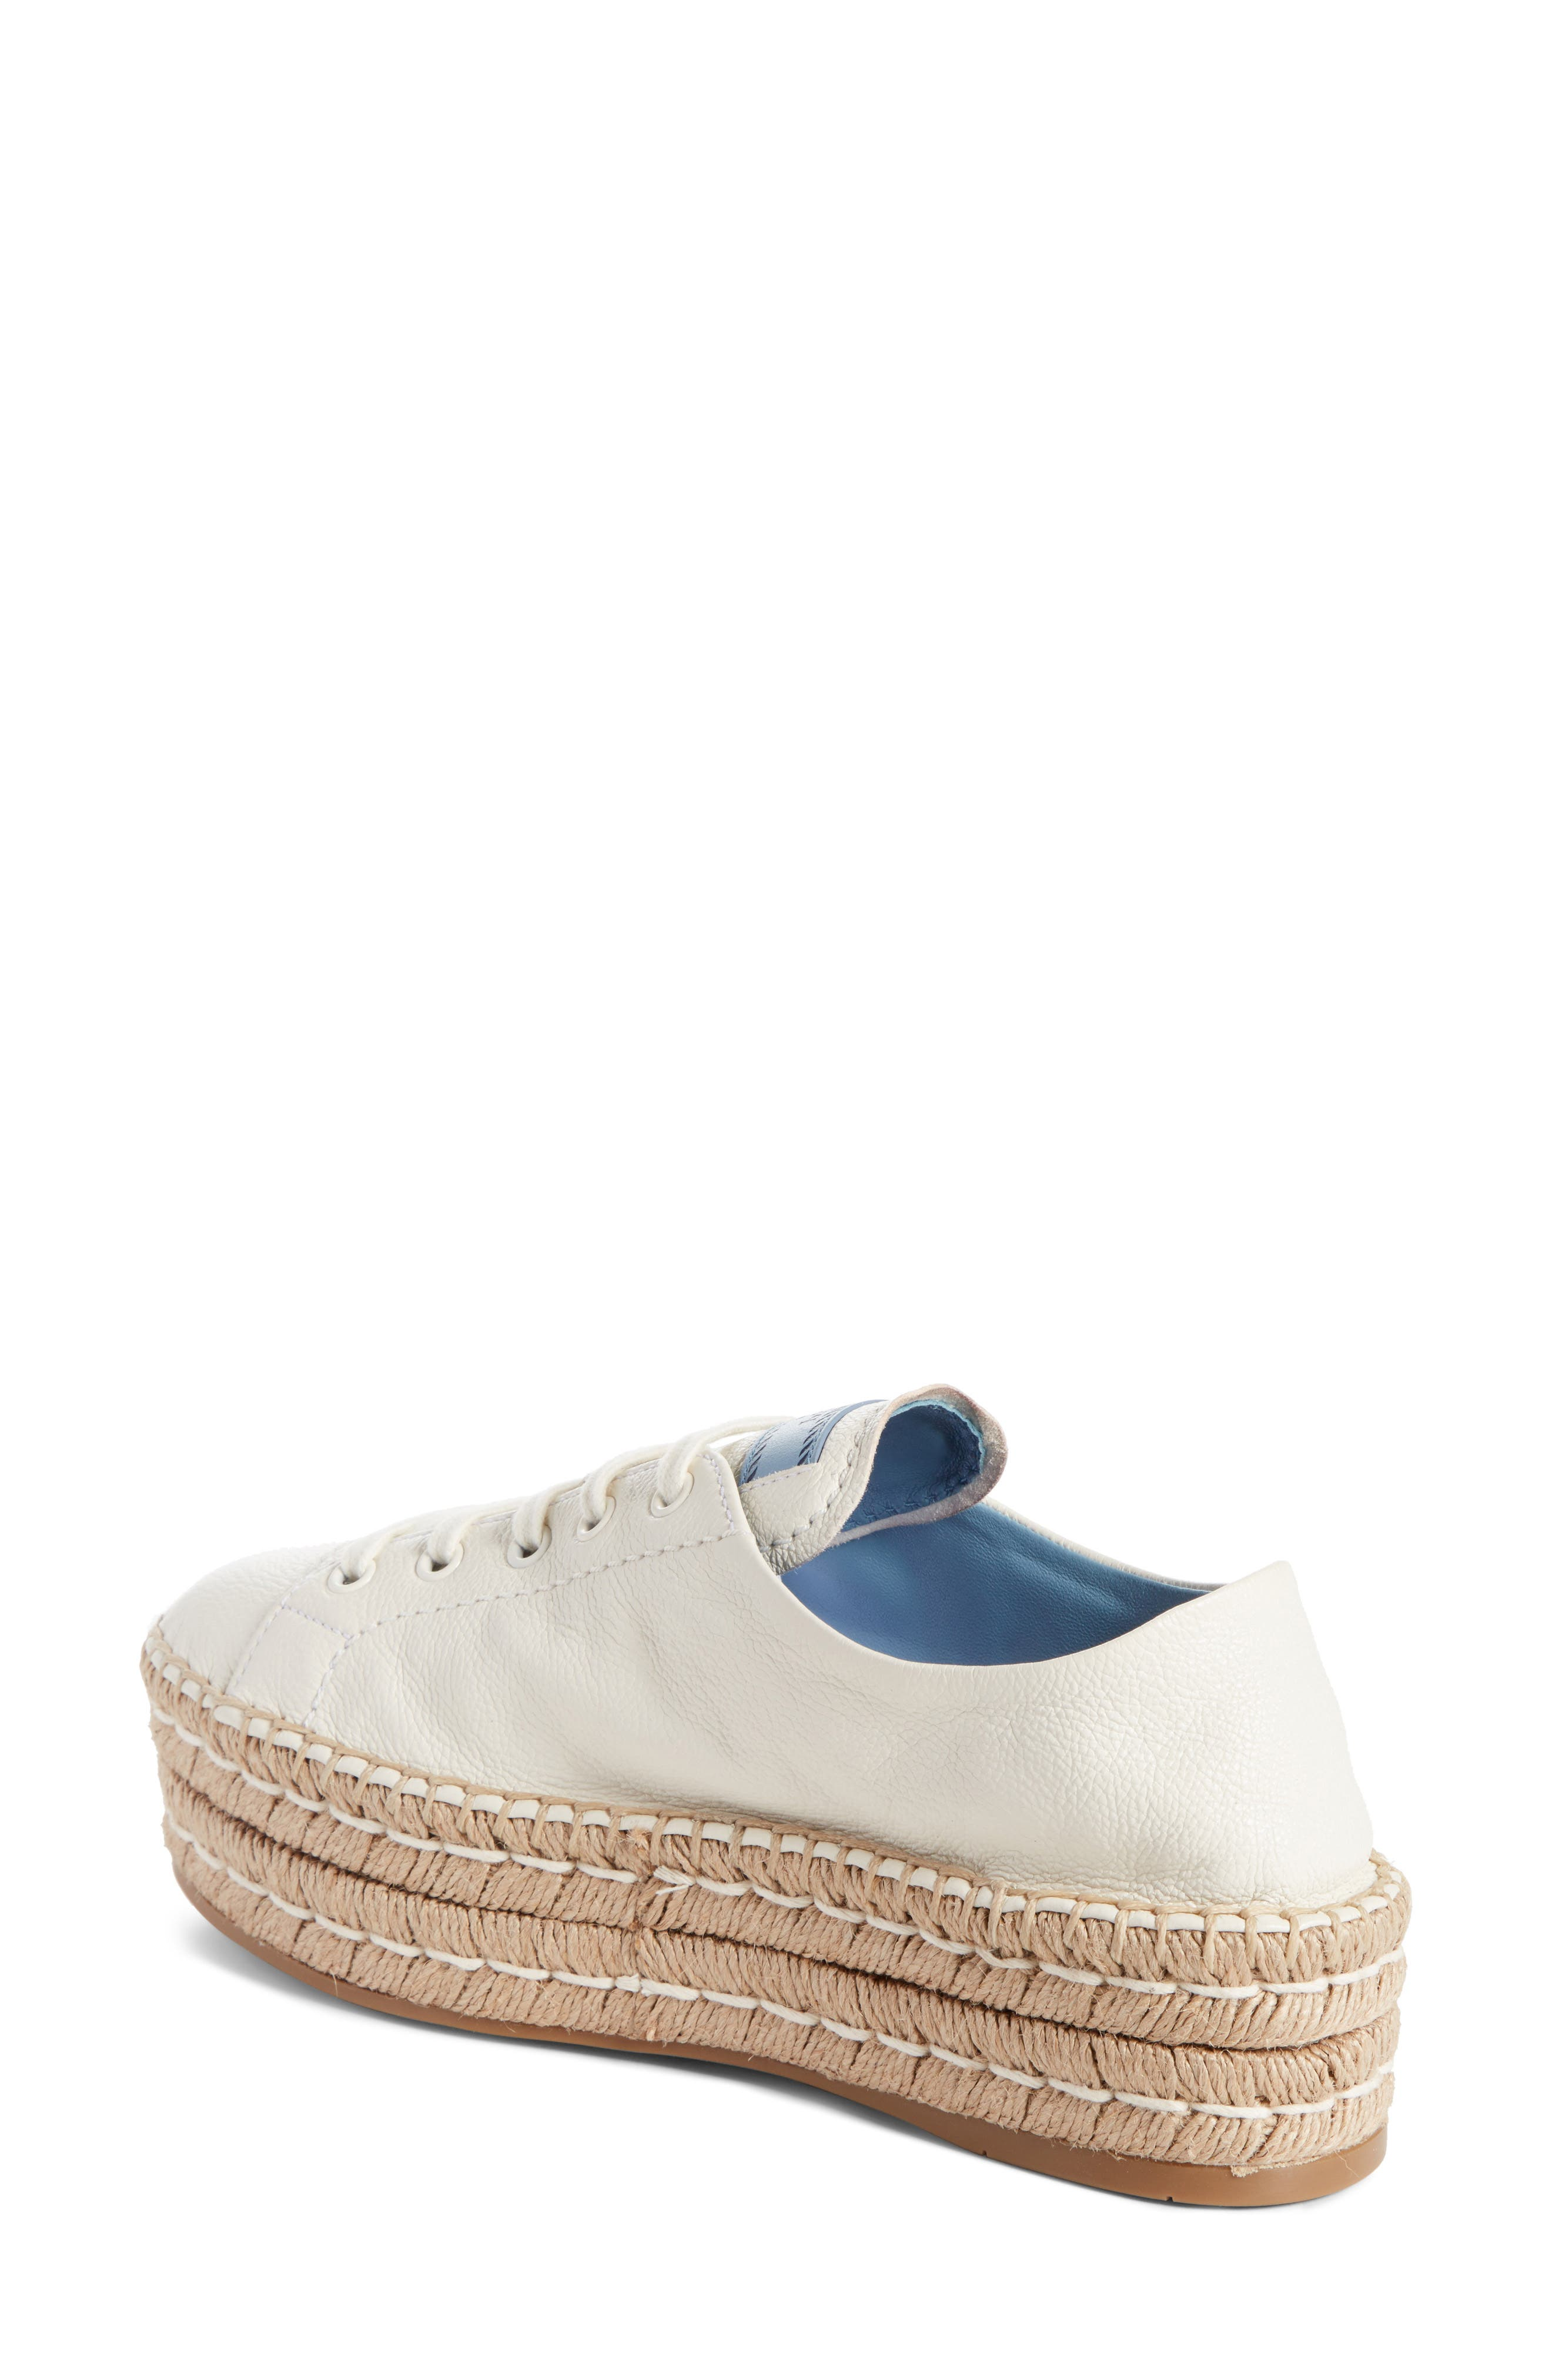 Flatform Espadrille Sneaker,                             Alternate thumbnail 2, color,                             White